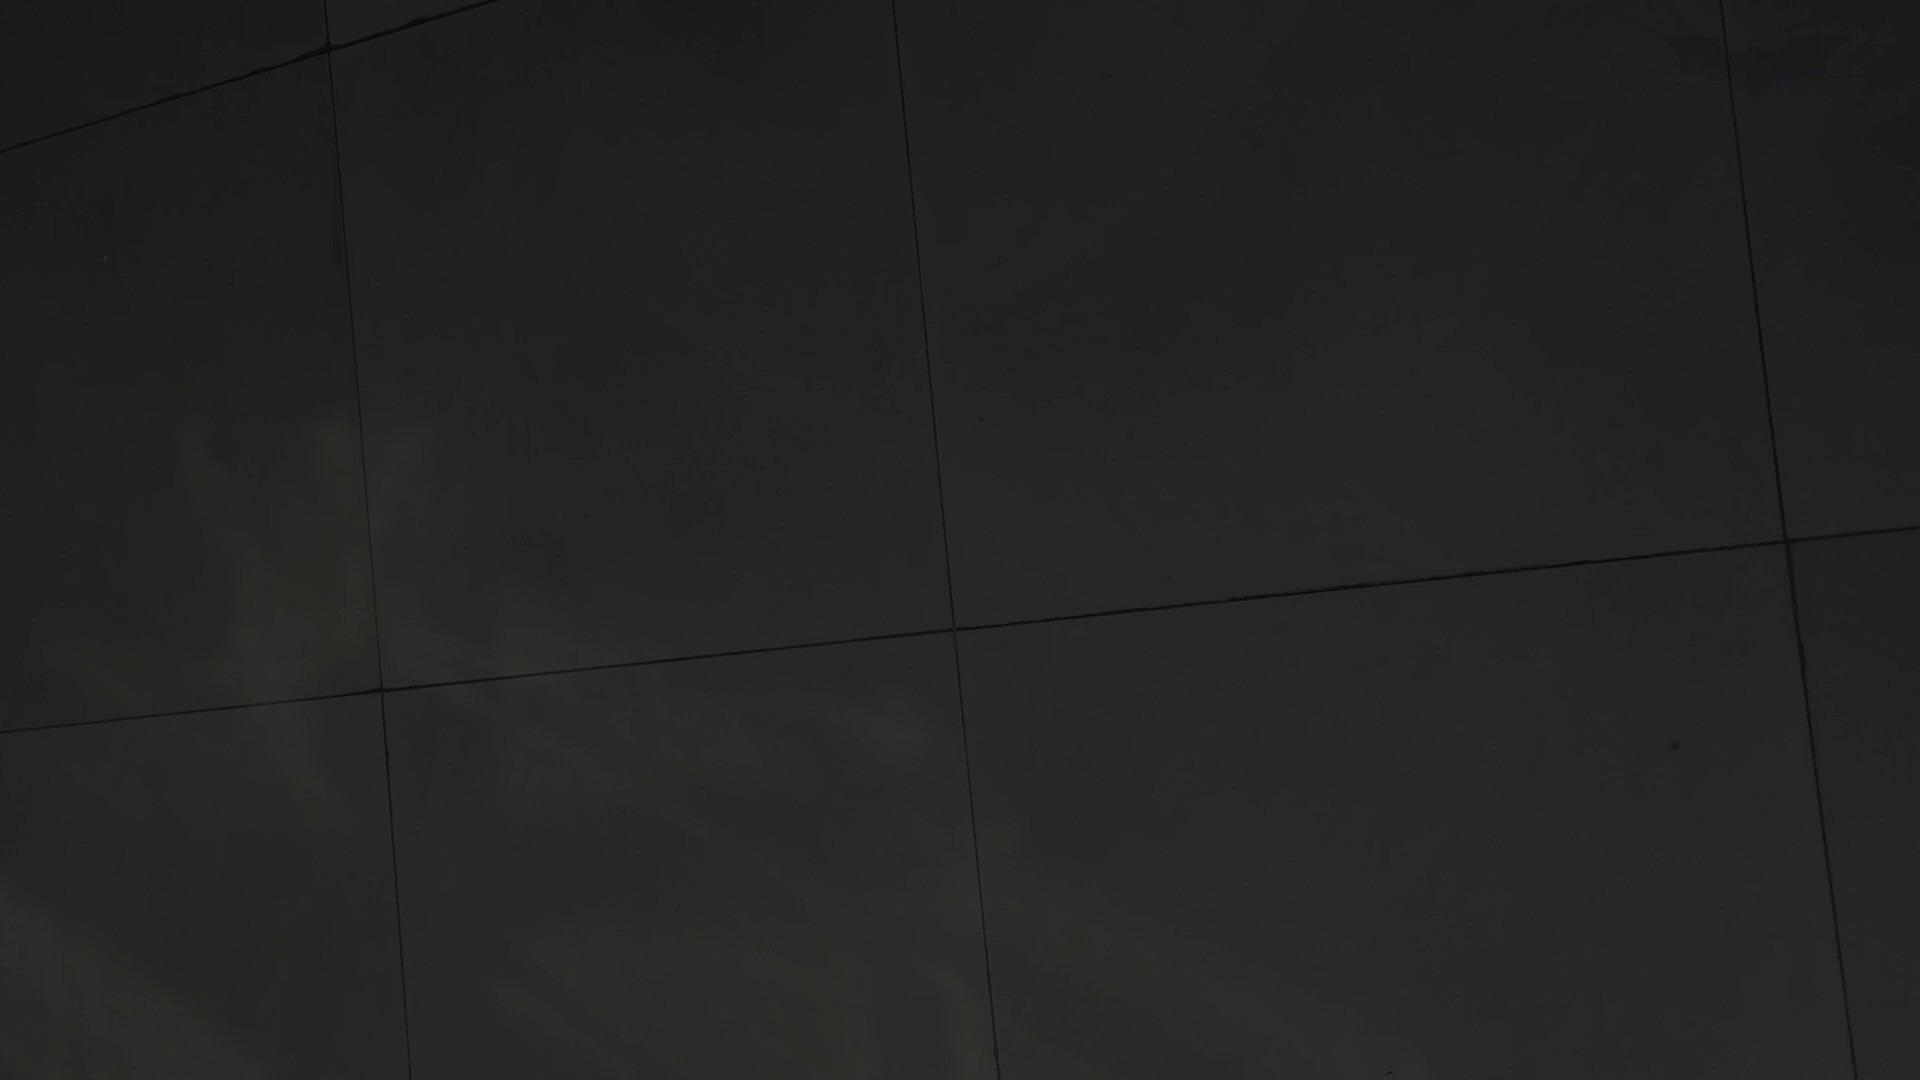 芸術大学ガチ潜入盗撮 JD盗撮 美女の洗面所の秘密 Vol.84 洗面所 おめこ無修正動画無料 54PIX 38